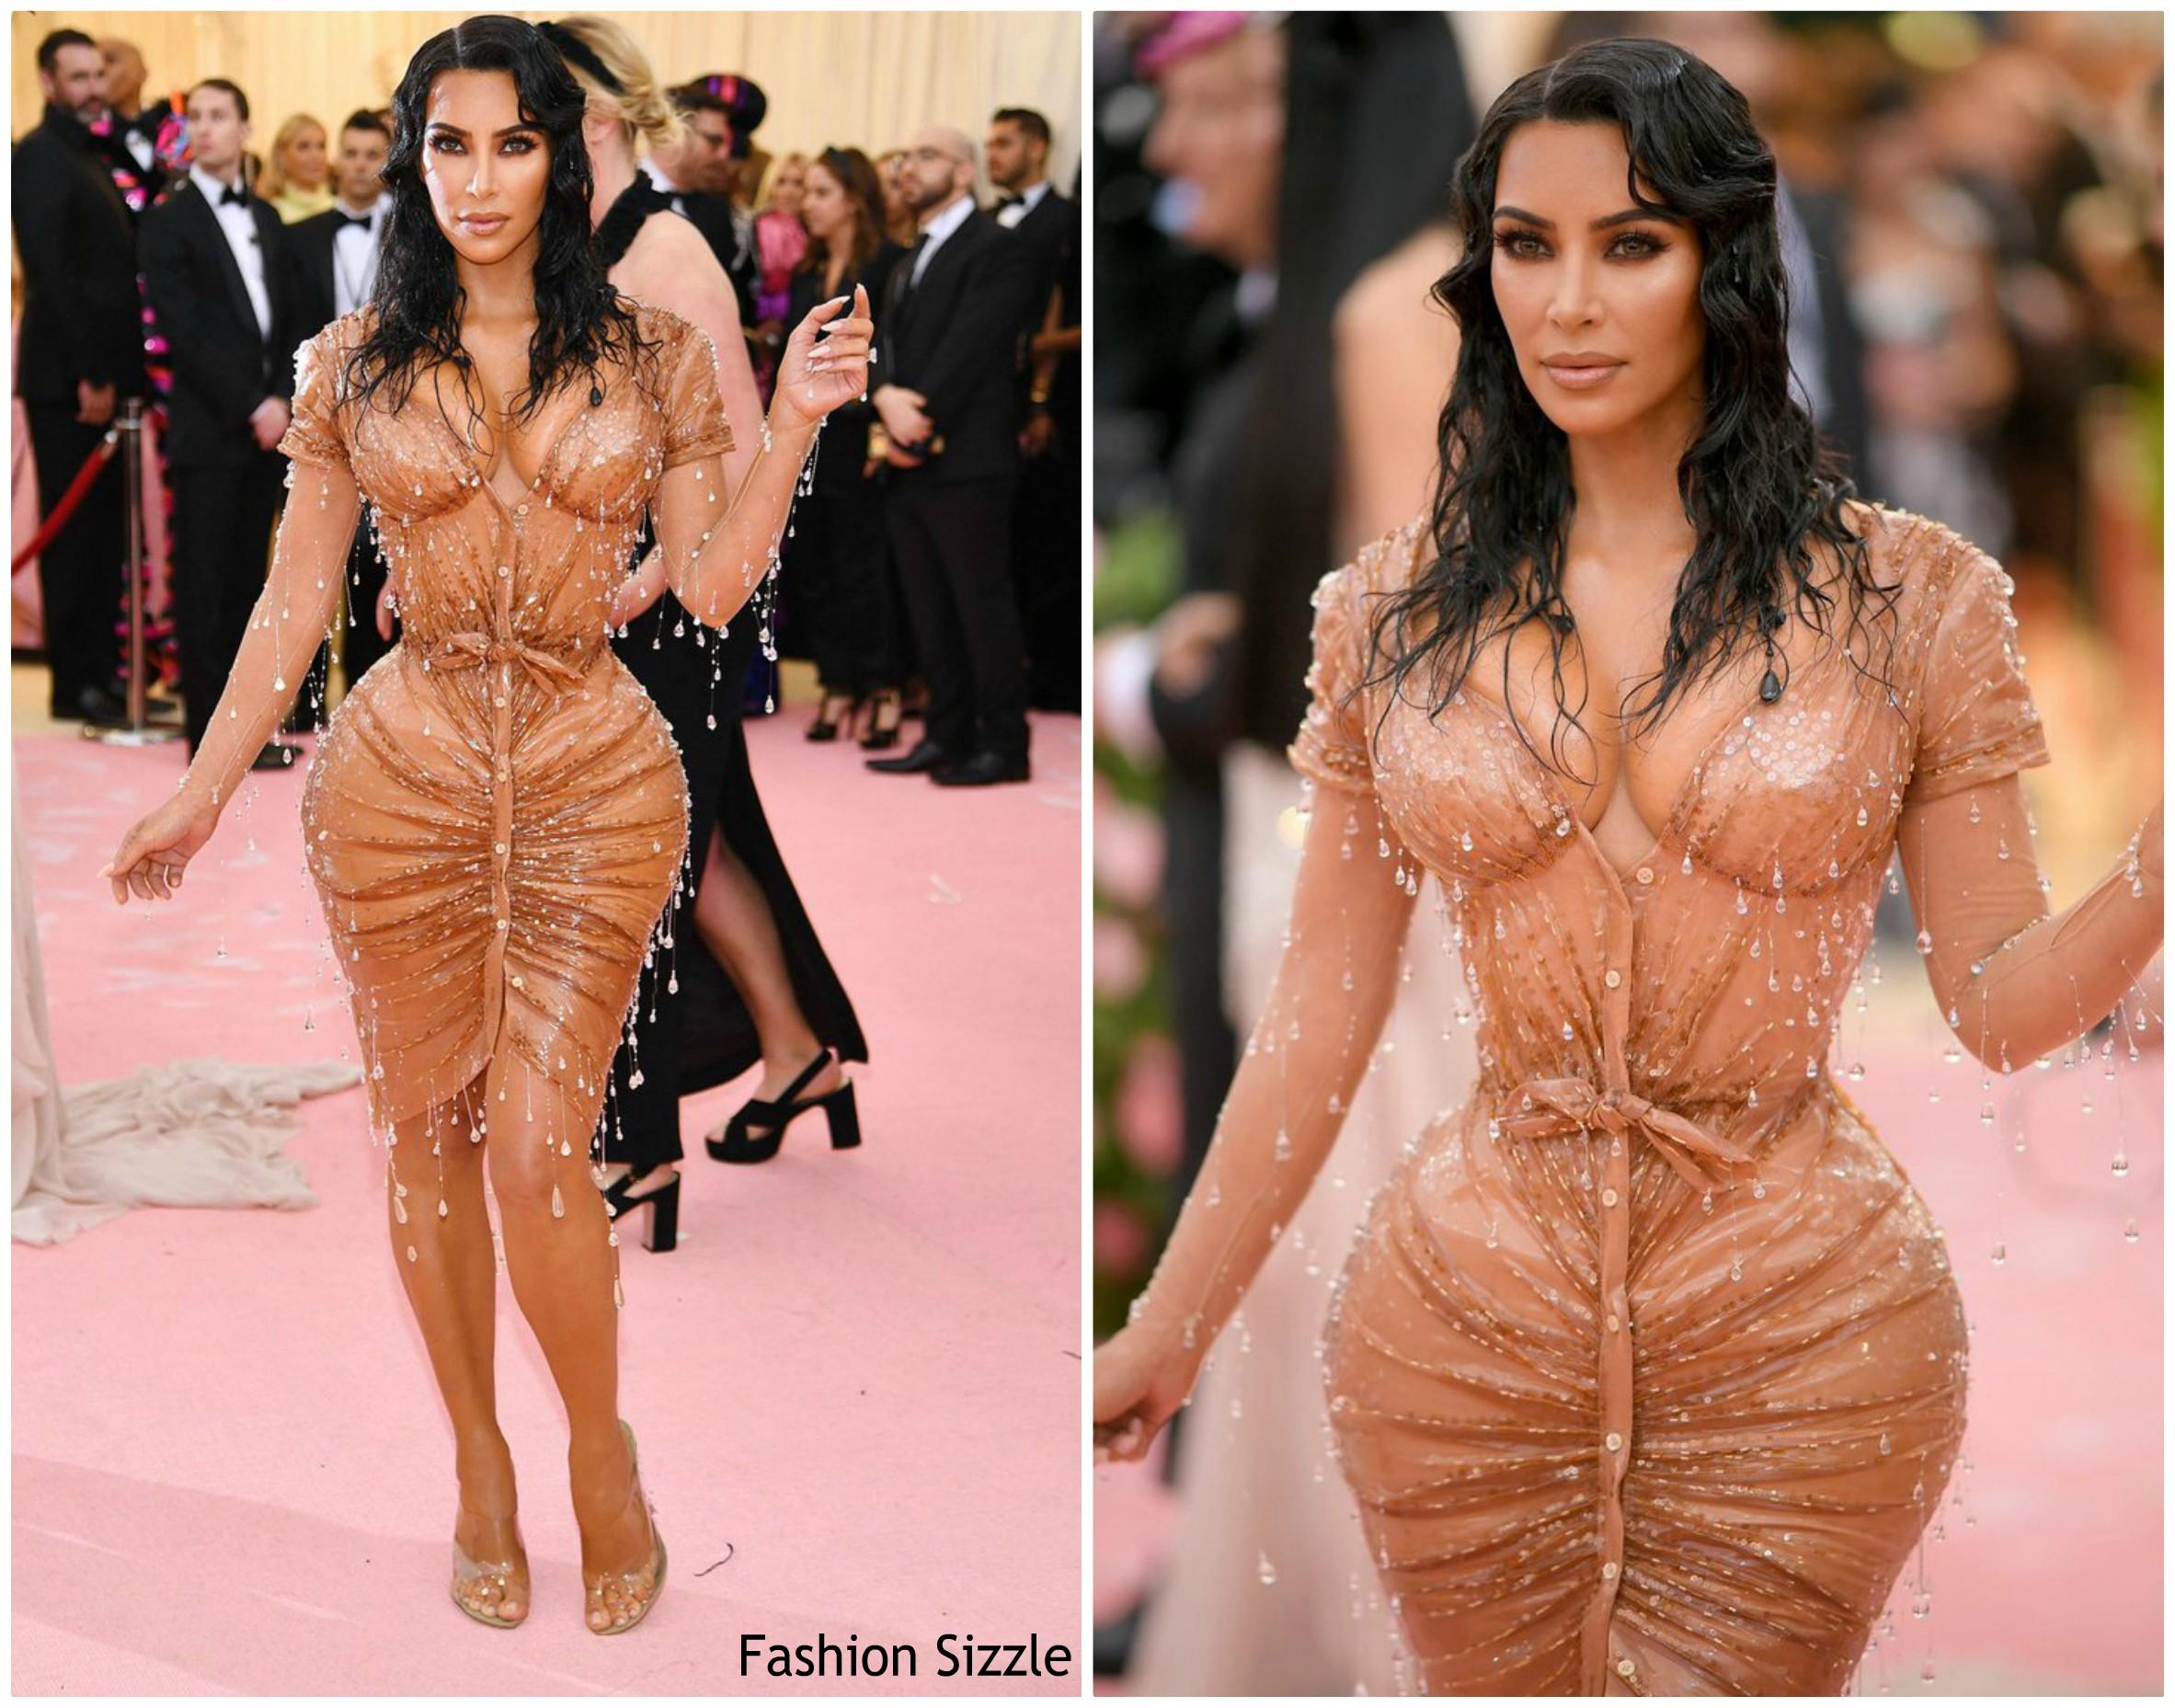 kim-kardashian-west-in-thierry-mugler-2019-met-gala